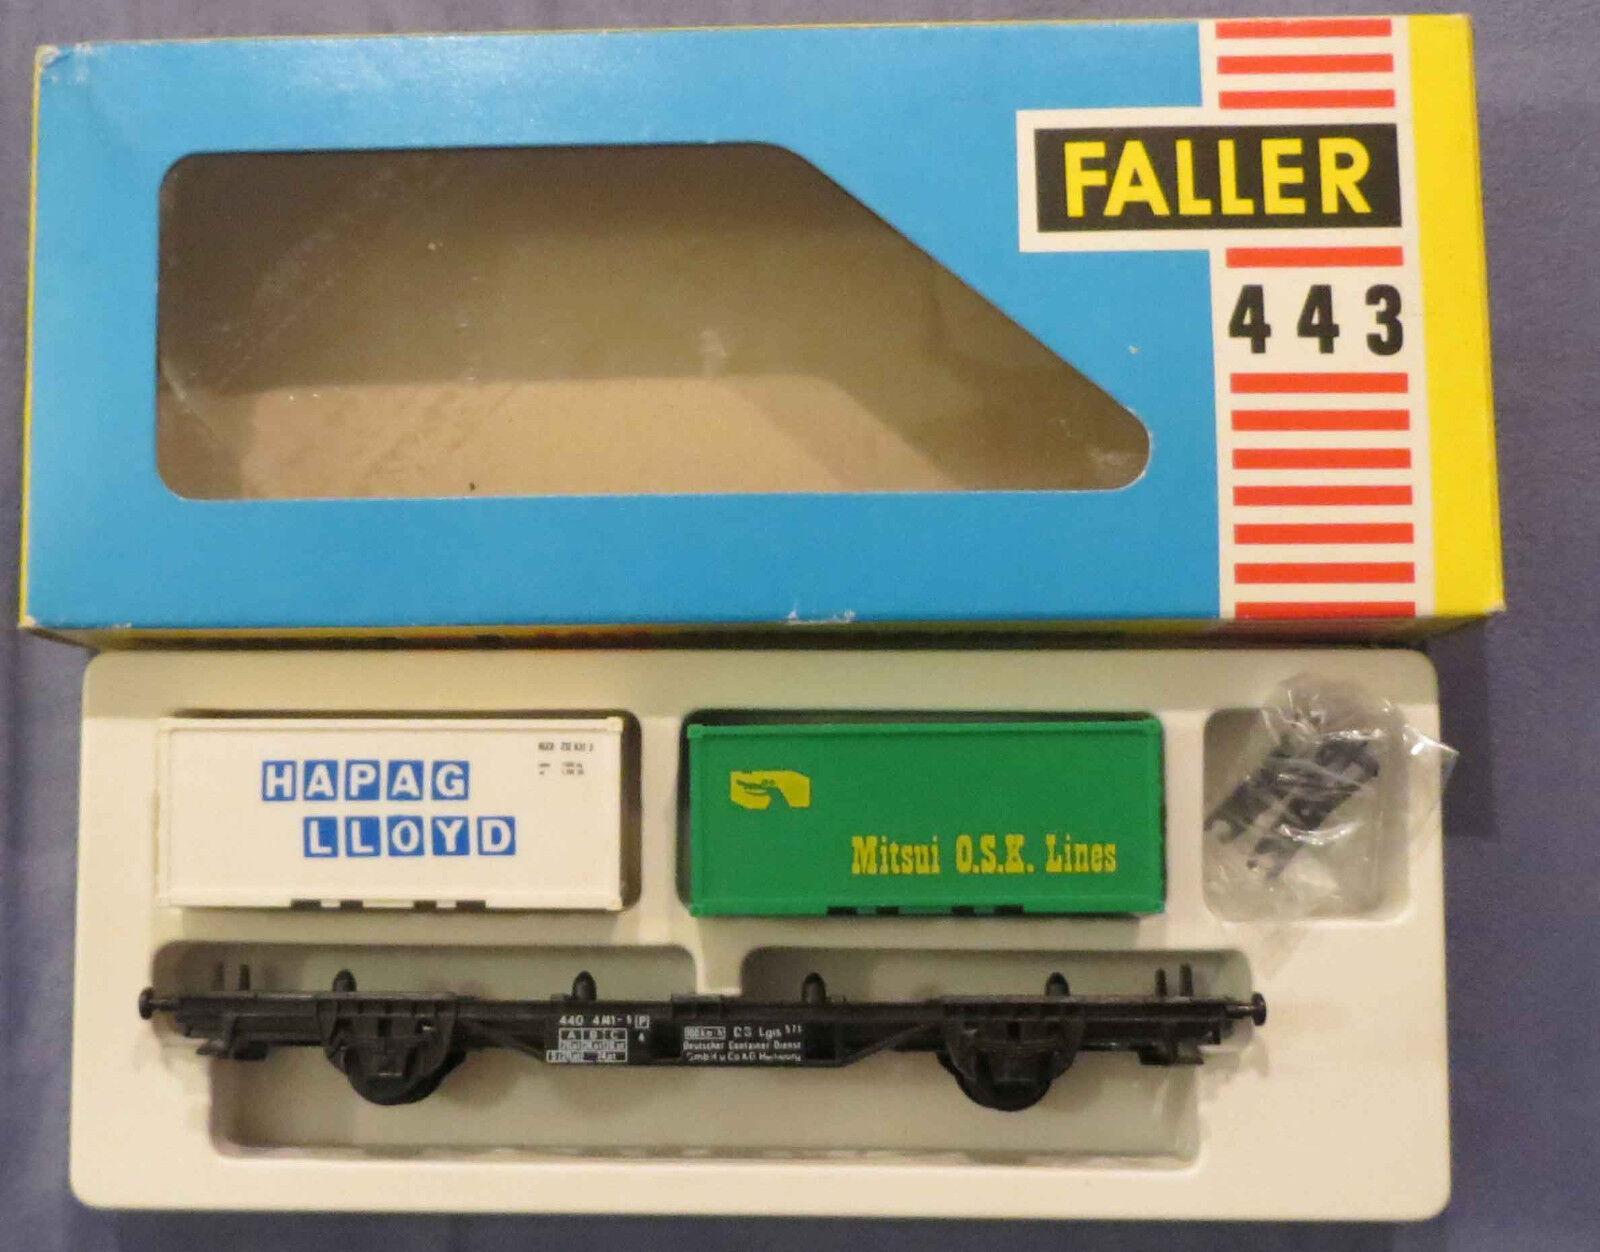 Faller Ams 443 Vagoni con Container in Confezione Raro